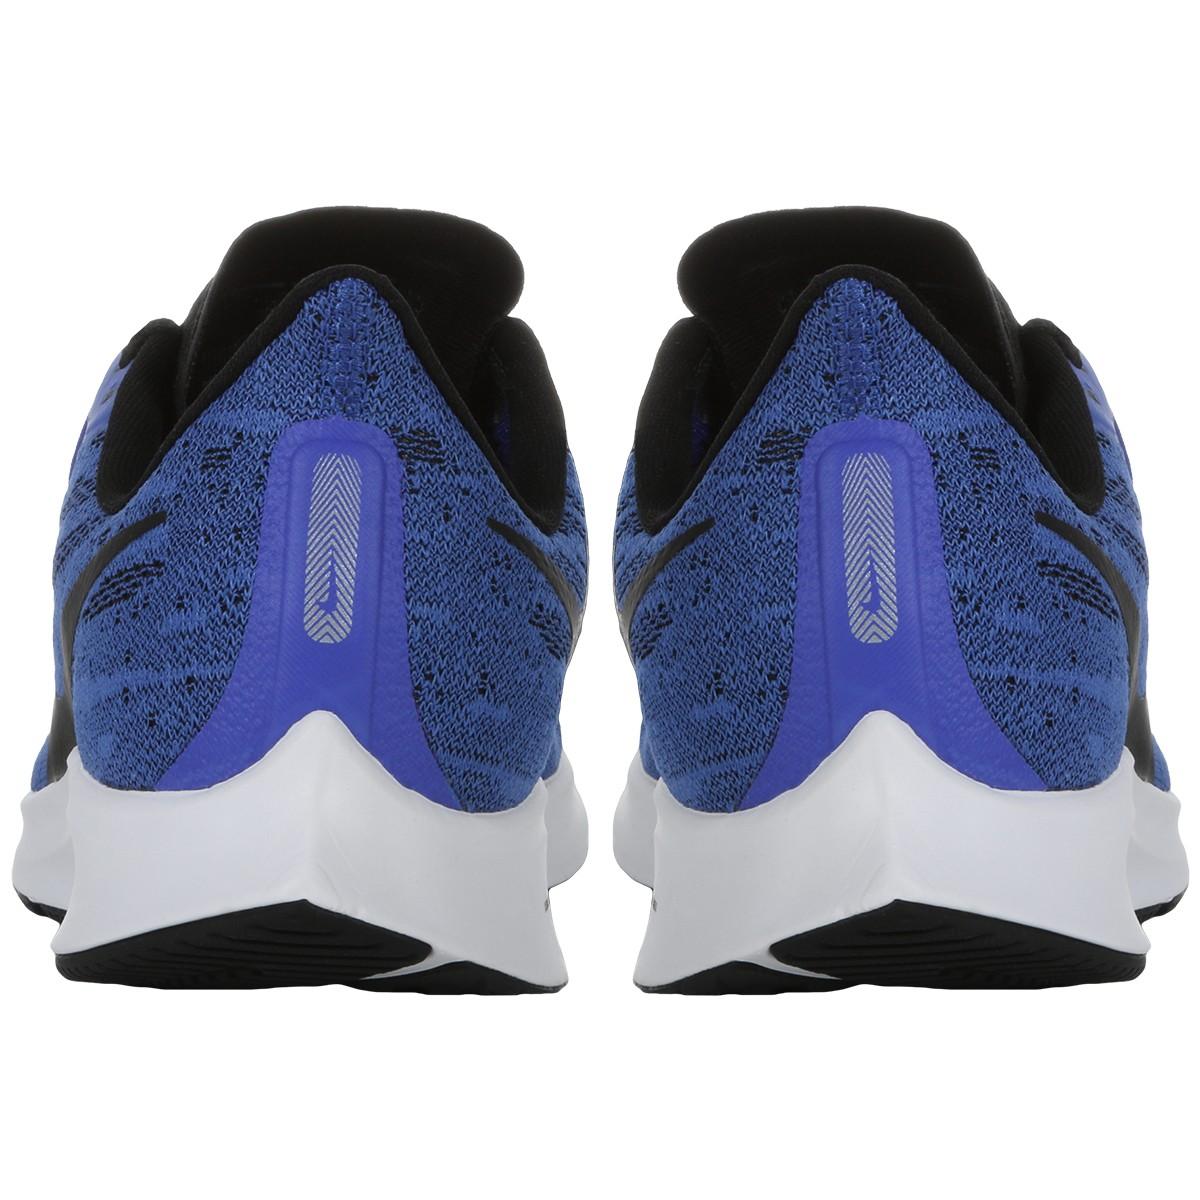 Uomo Running Pegasus Air Zoom 36 Nike Scarpe f7g6YbmIyv